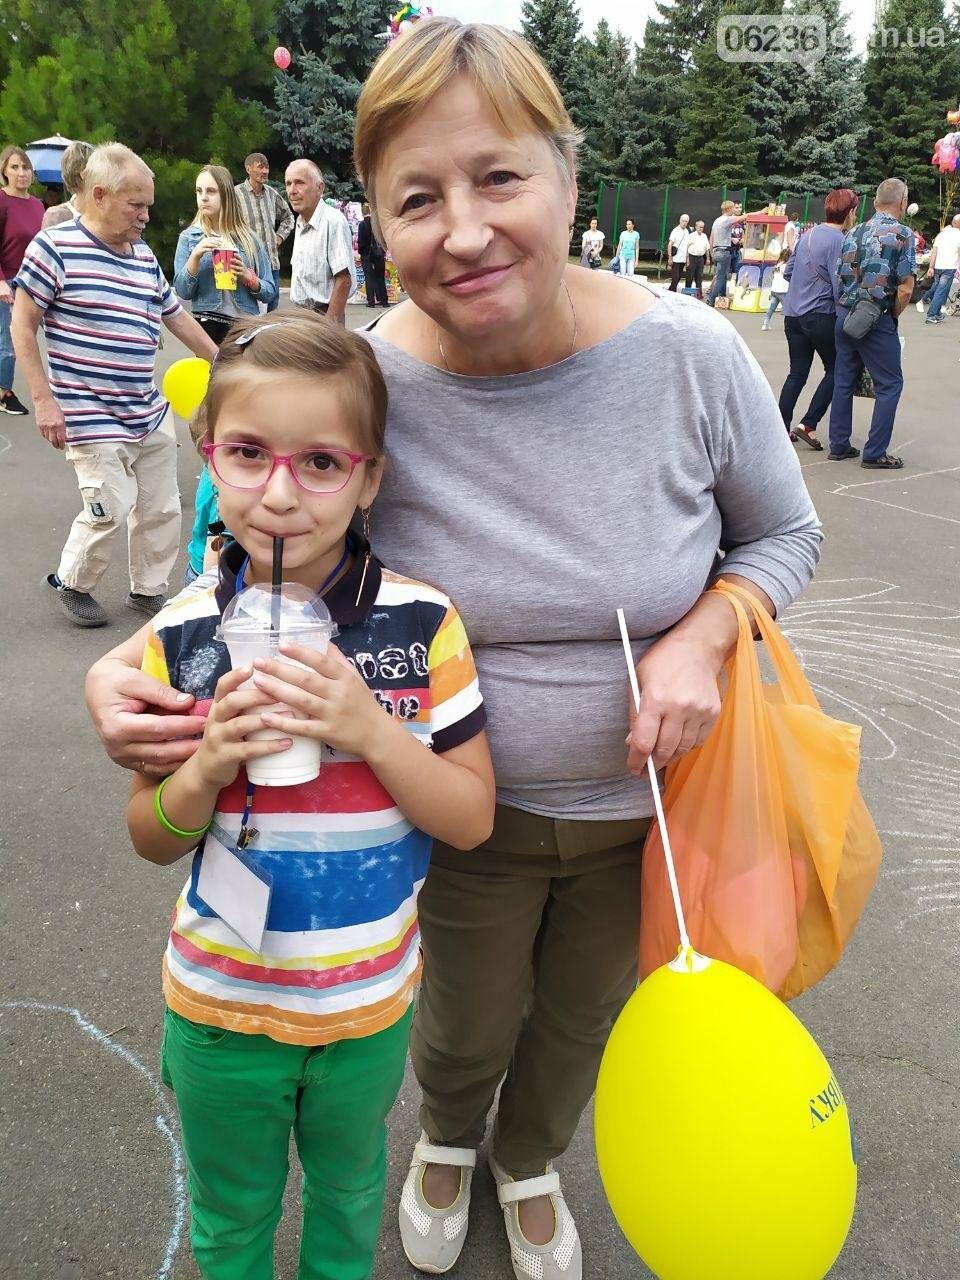 Авдеевка ярко отпраздновала День города (ФОТОРЕПОРТАЖ), фото-3